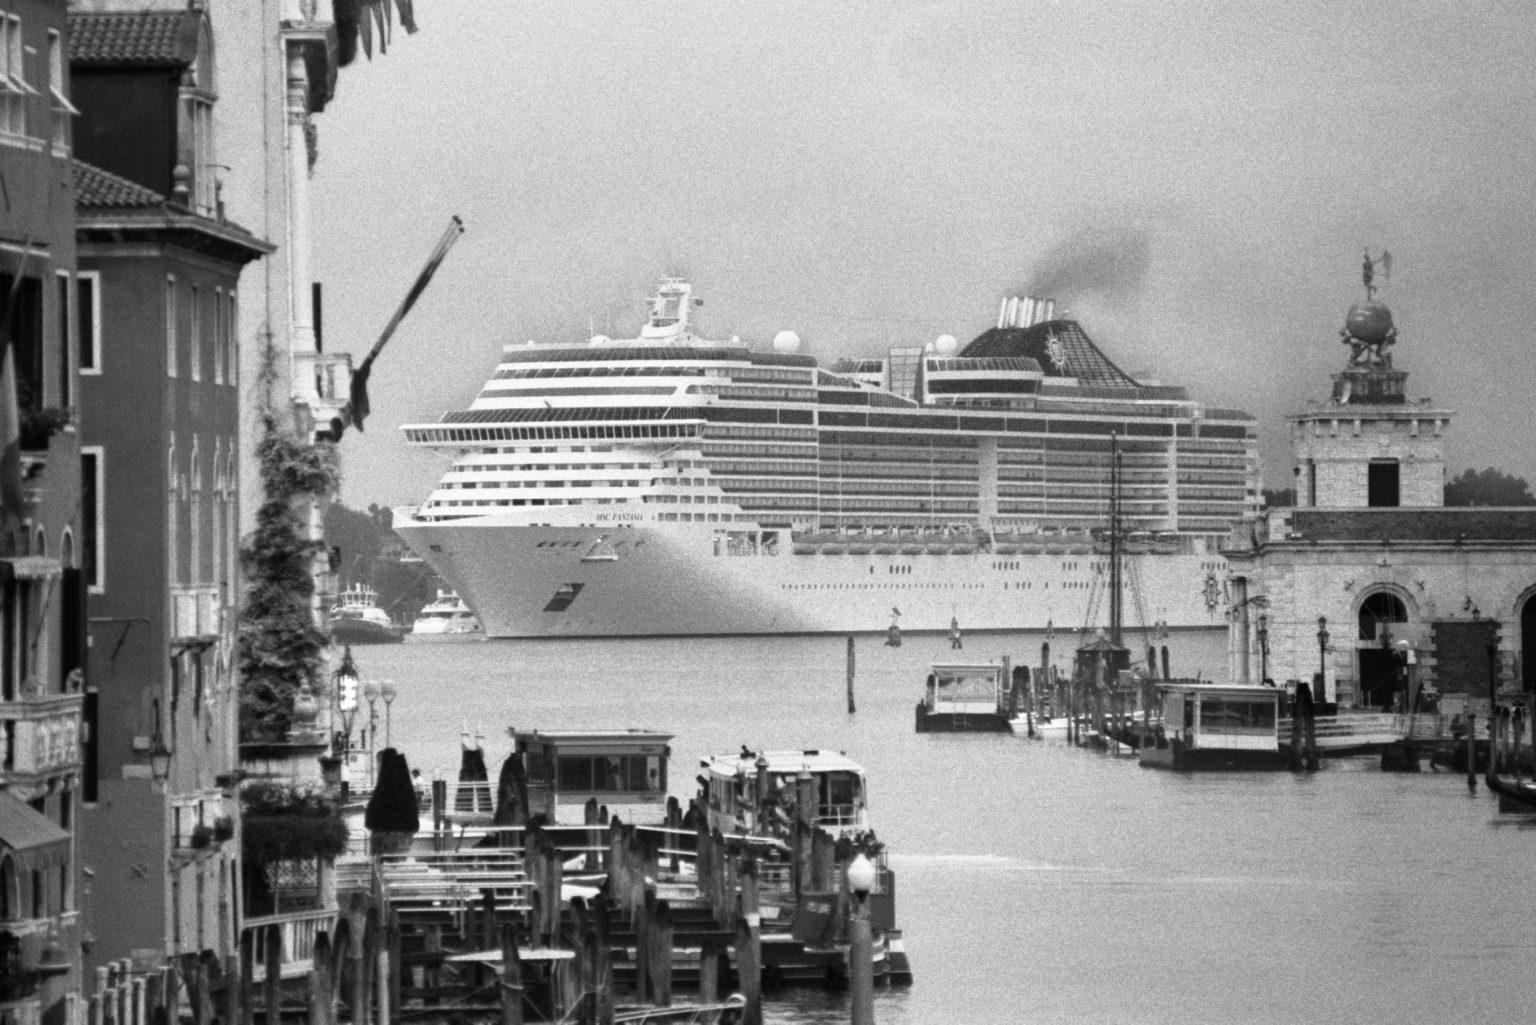 """Venice, August 2013 - Big cruise liners invade the city - MSC Fantasia cruise ship passing by the old town ><  Venezia, agosto 2013 - Le grandi navi da crociera invadono la città - La MSC Fantasia passa davanti al centro storico<p><span style=""""color: #ff0000""""><strong>*** SPECIAL   FEE   APPLIES ***</strong></span></p>*** SPECIAL   FEE   APPLIES *** *** Local Caption *** 00483762"""